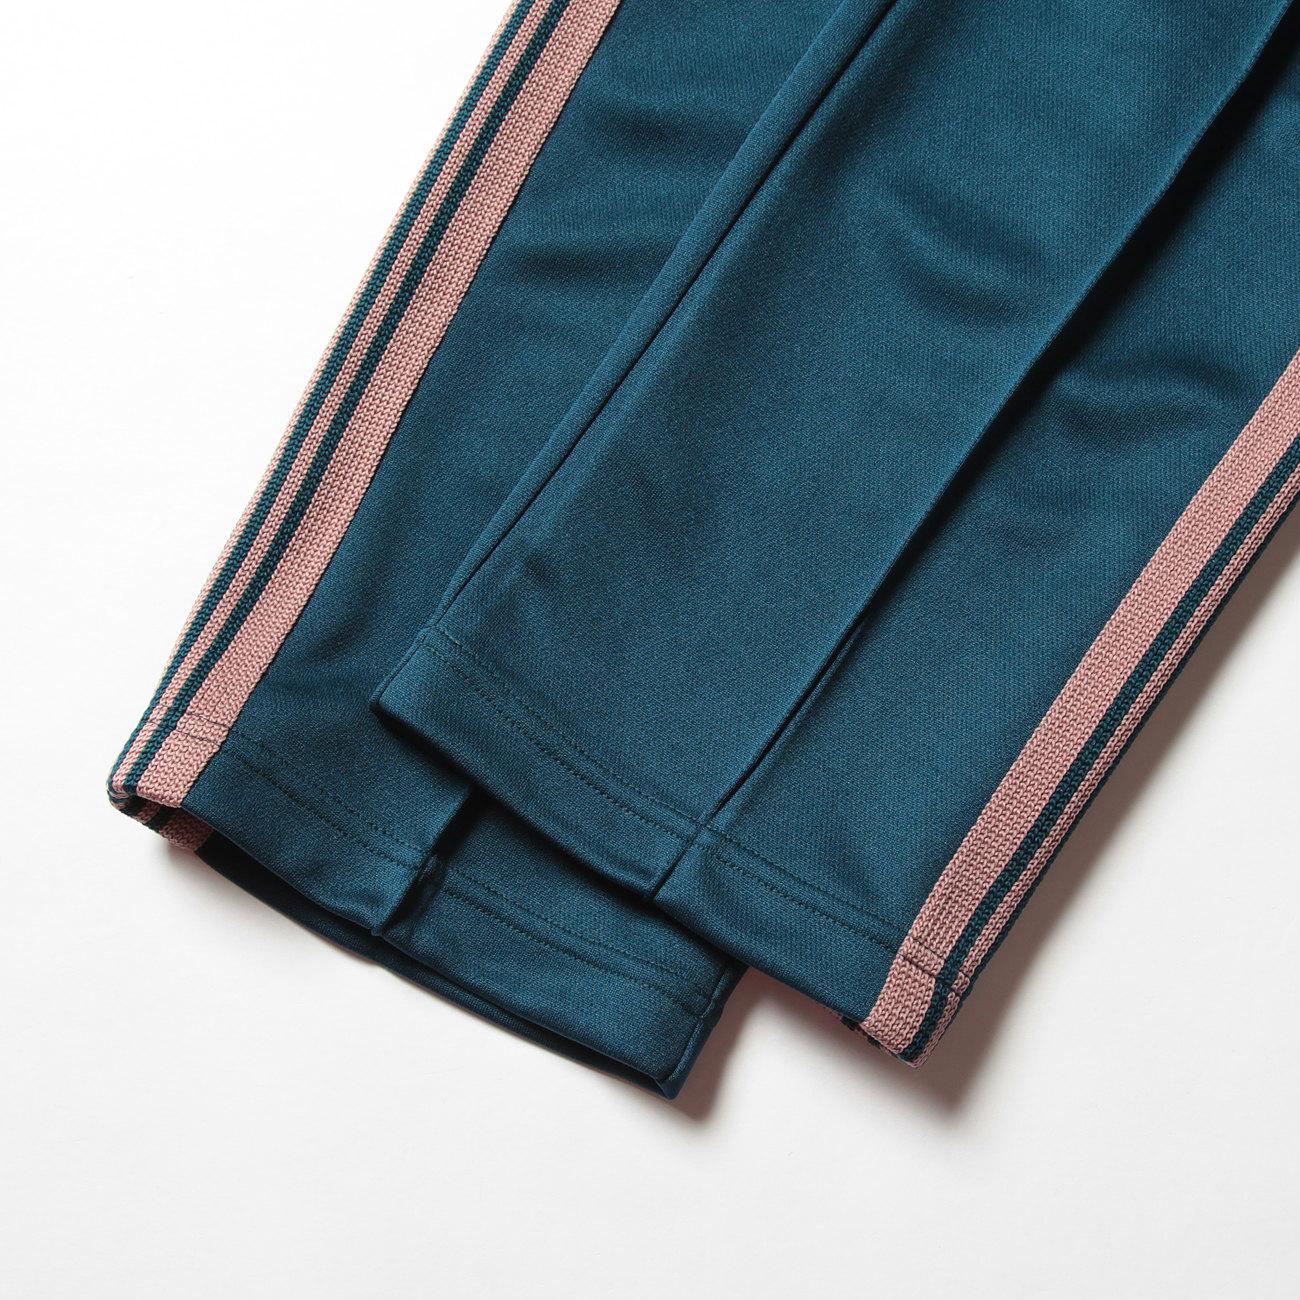 Needles / Narrow Track Pant 裾